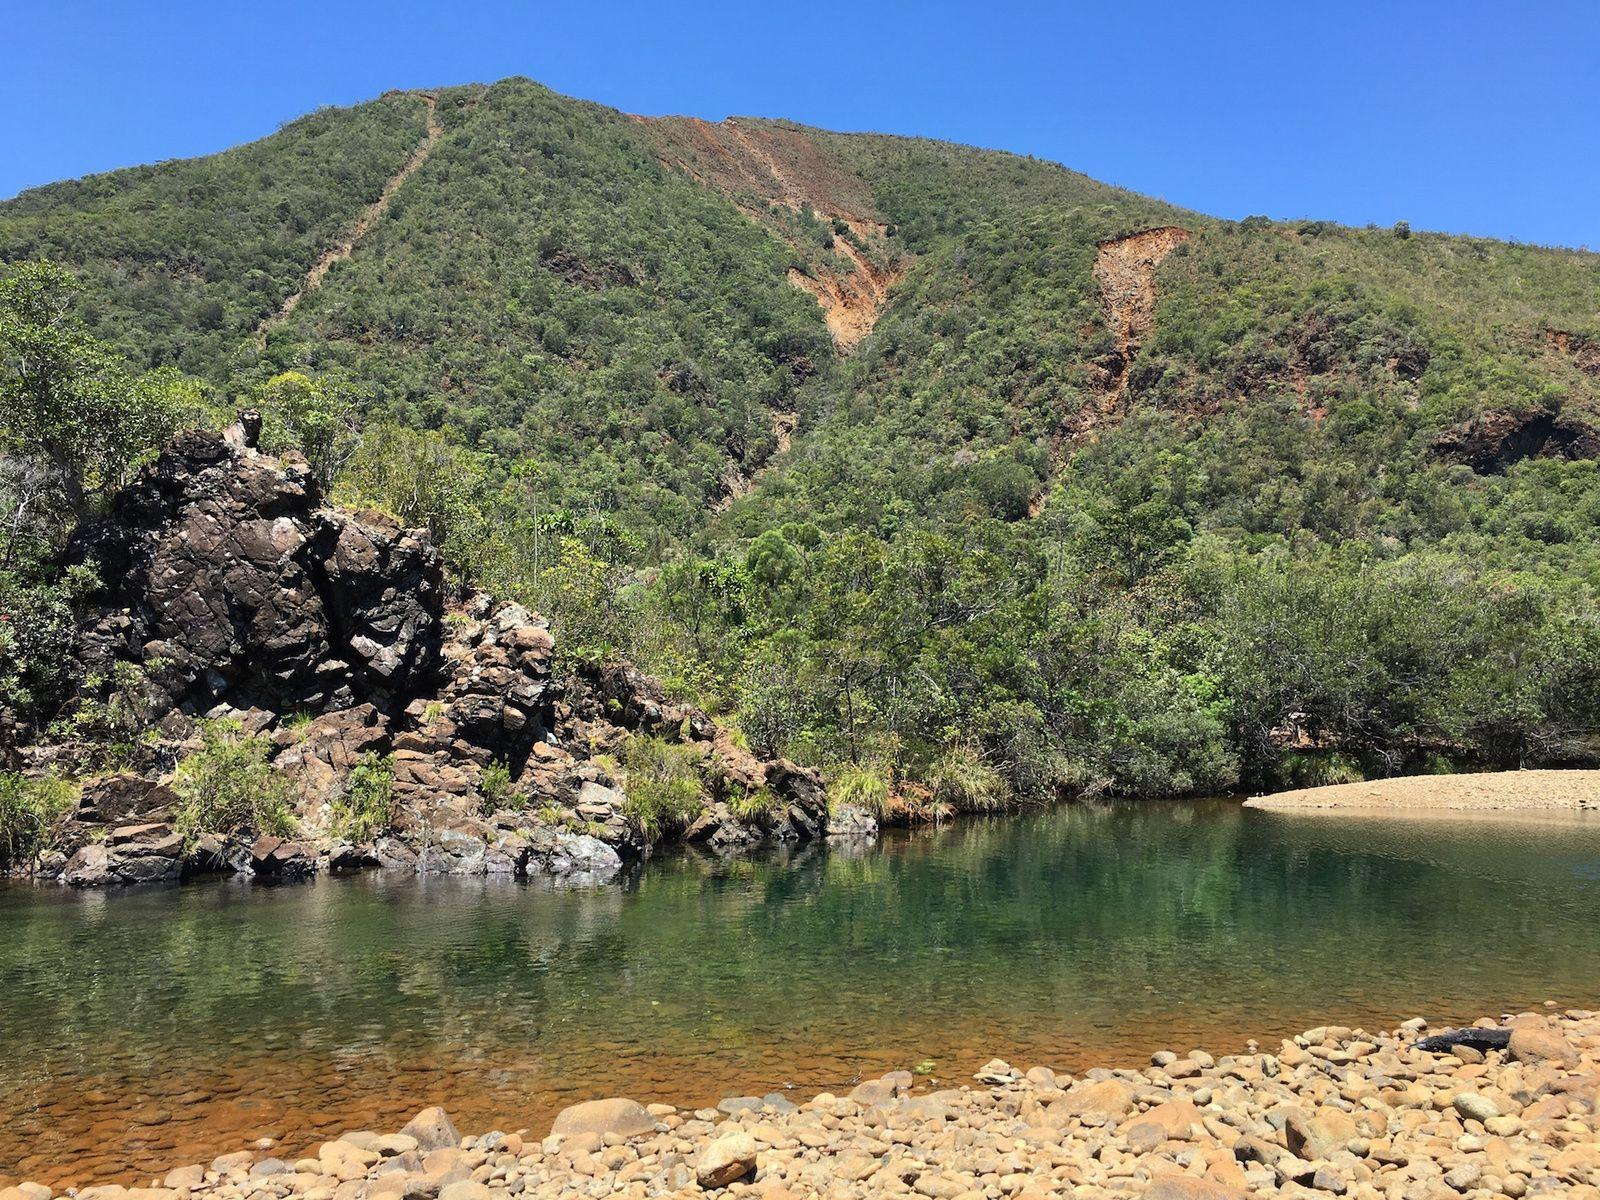 Randonnee A La Riviere De Dumbea Nouvelle Caledonie Caledonie